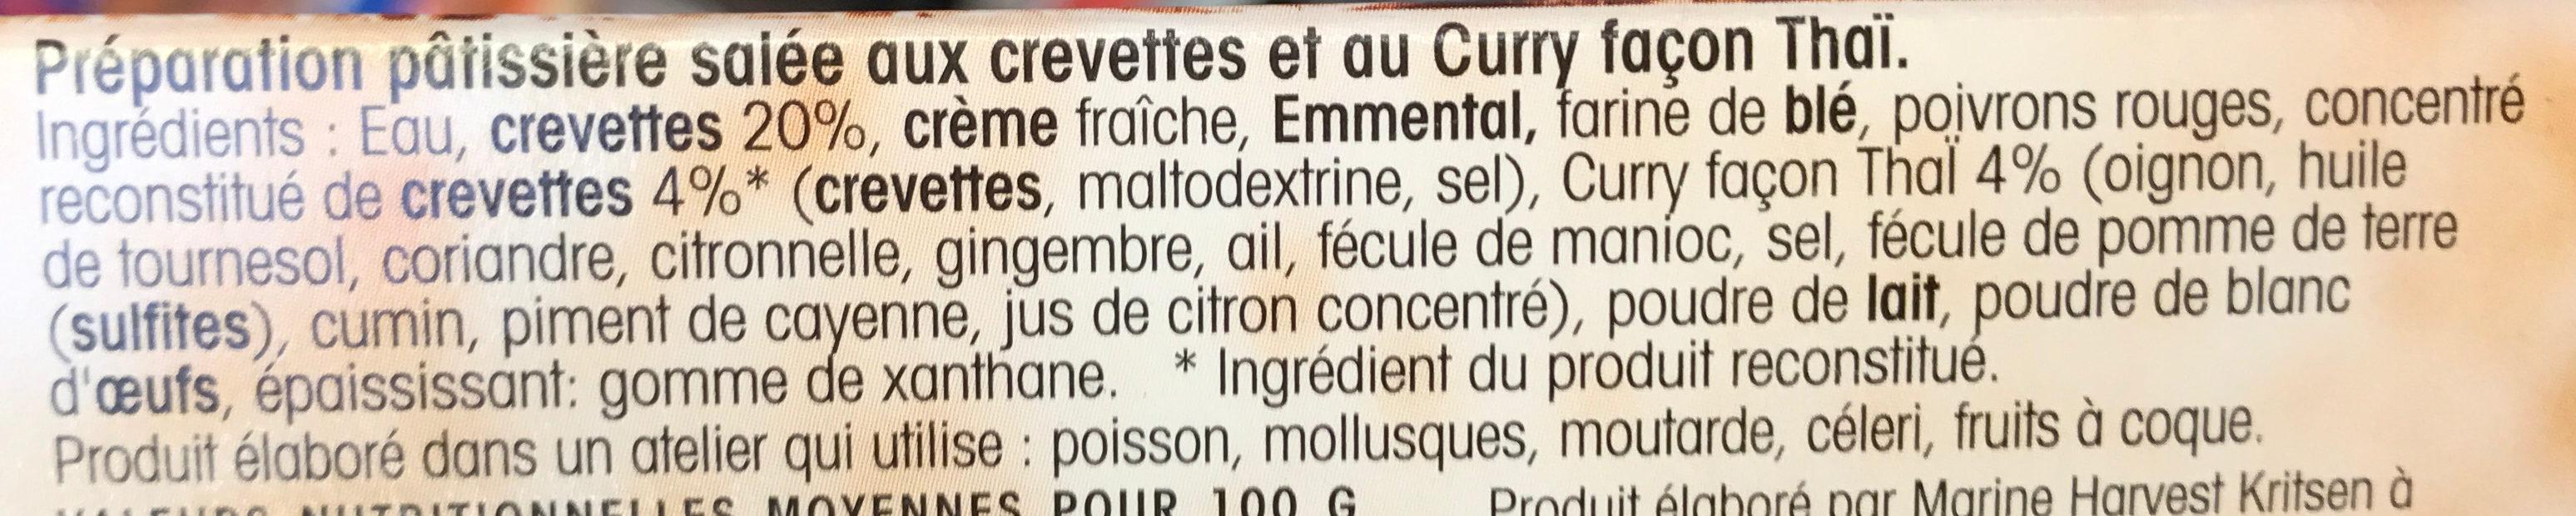 Apéri' Clafoutis aux crevettes & curry Thaï - Ingredients - fr